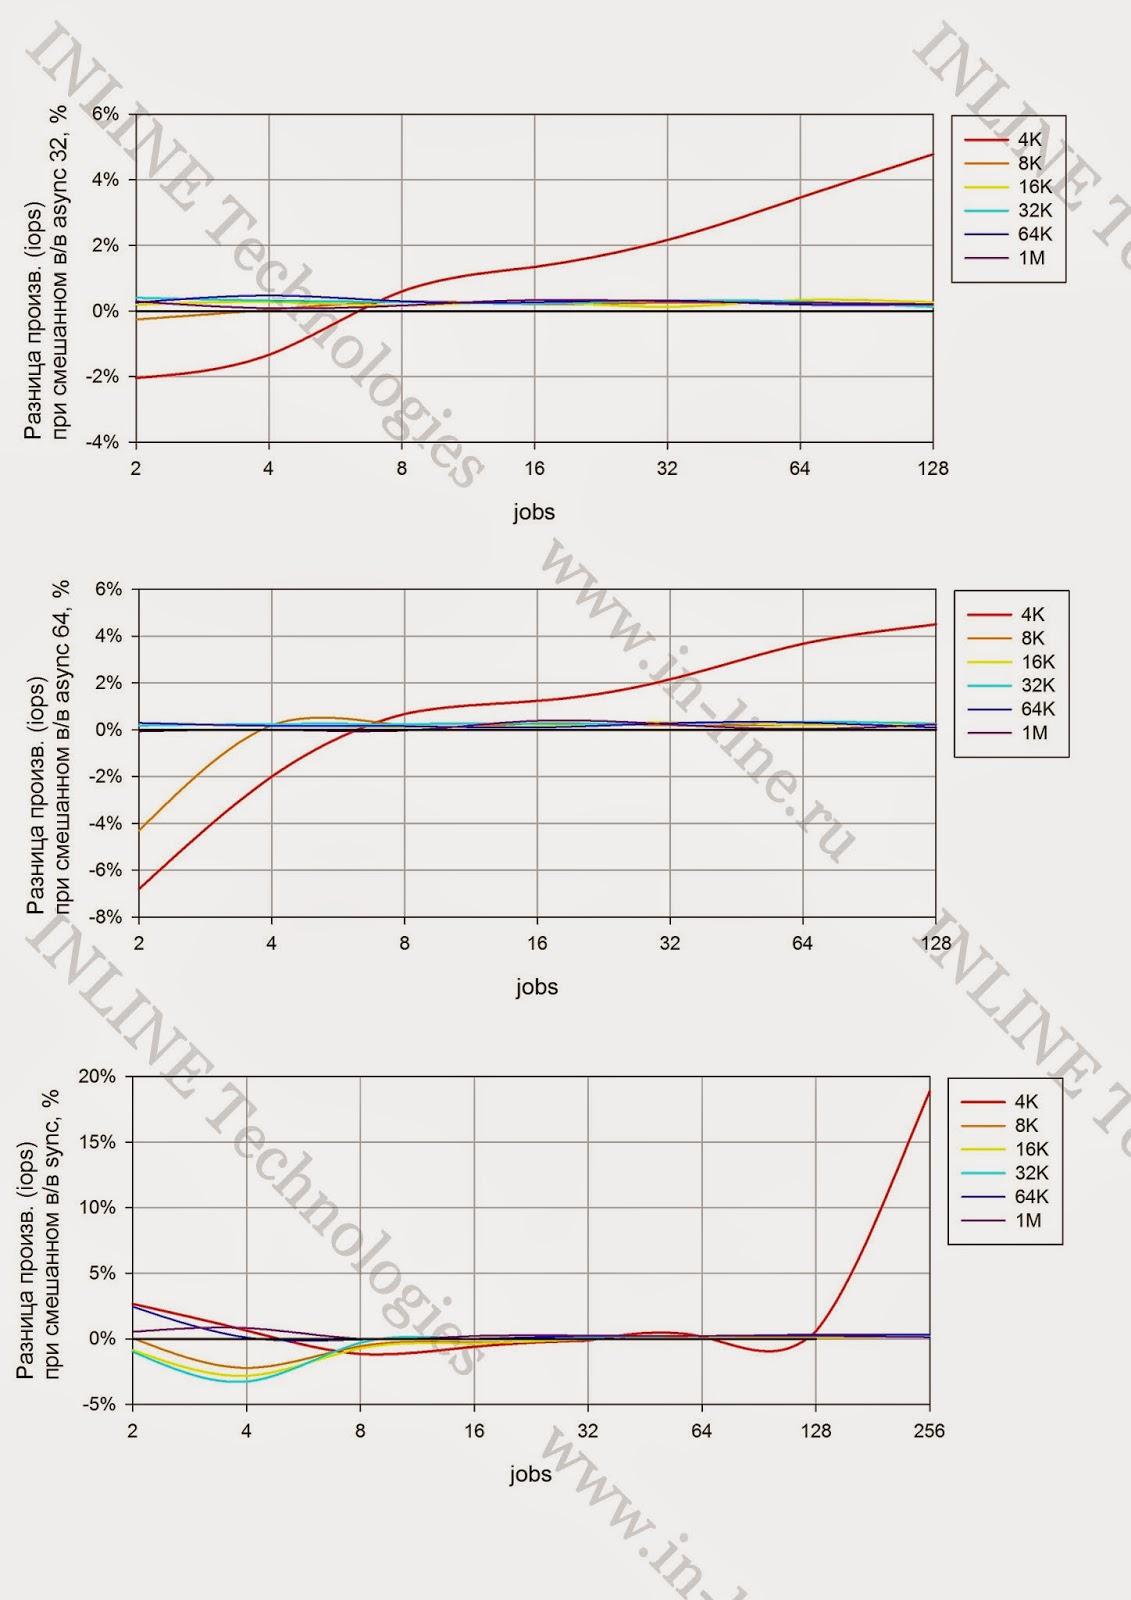 Тестирование флеш СХД. Влияние файловых систем